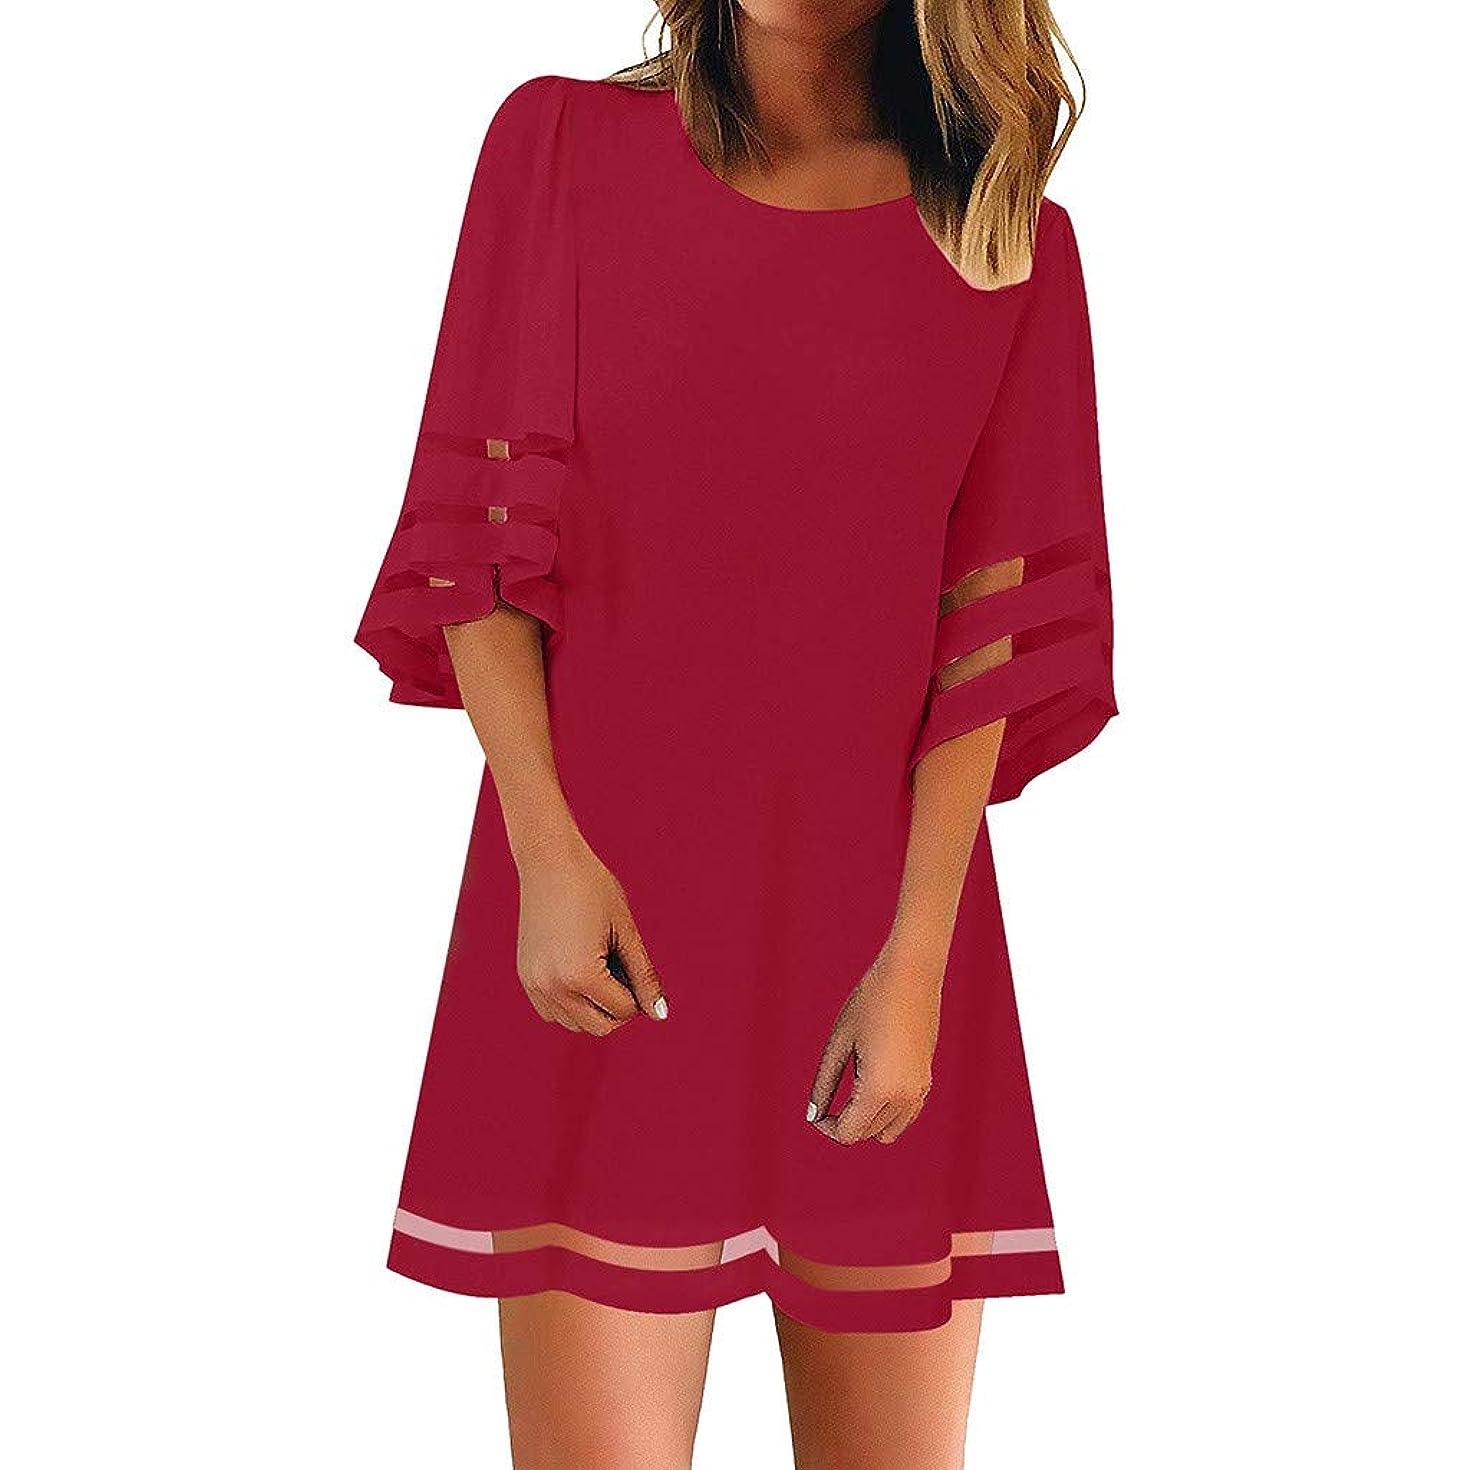 Honestyivan Women's Solid O-Neck Chiffon Mesh Patchwork 3/4 Bell Sleeve Dress Casual Loose Summer Short Dress Swing Dress